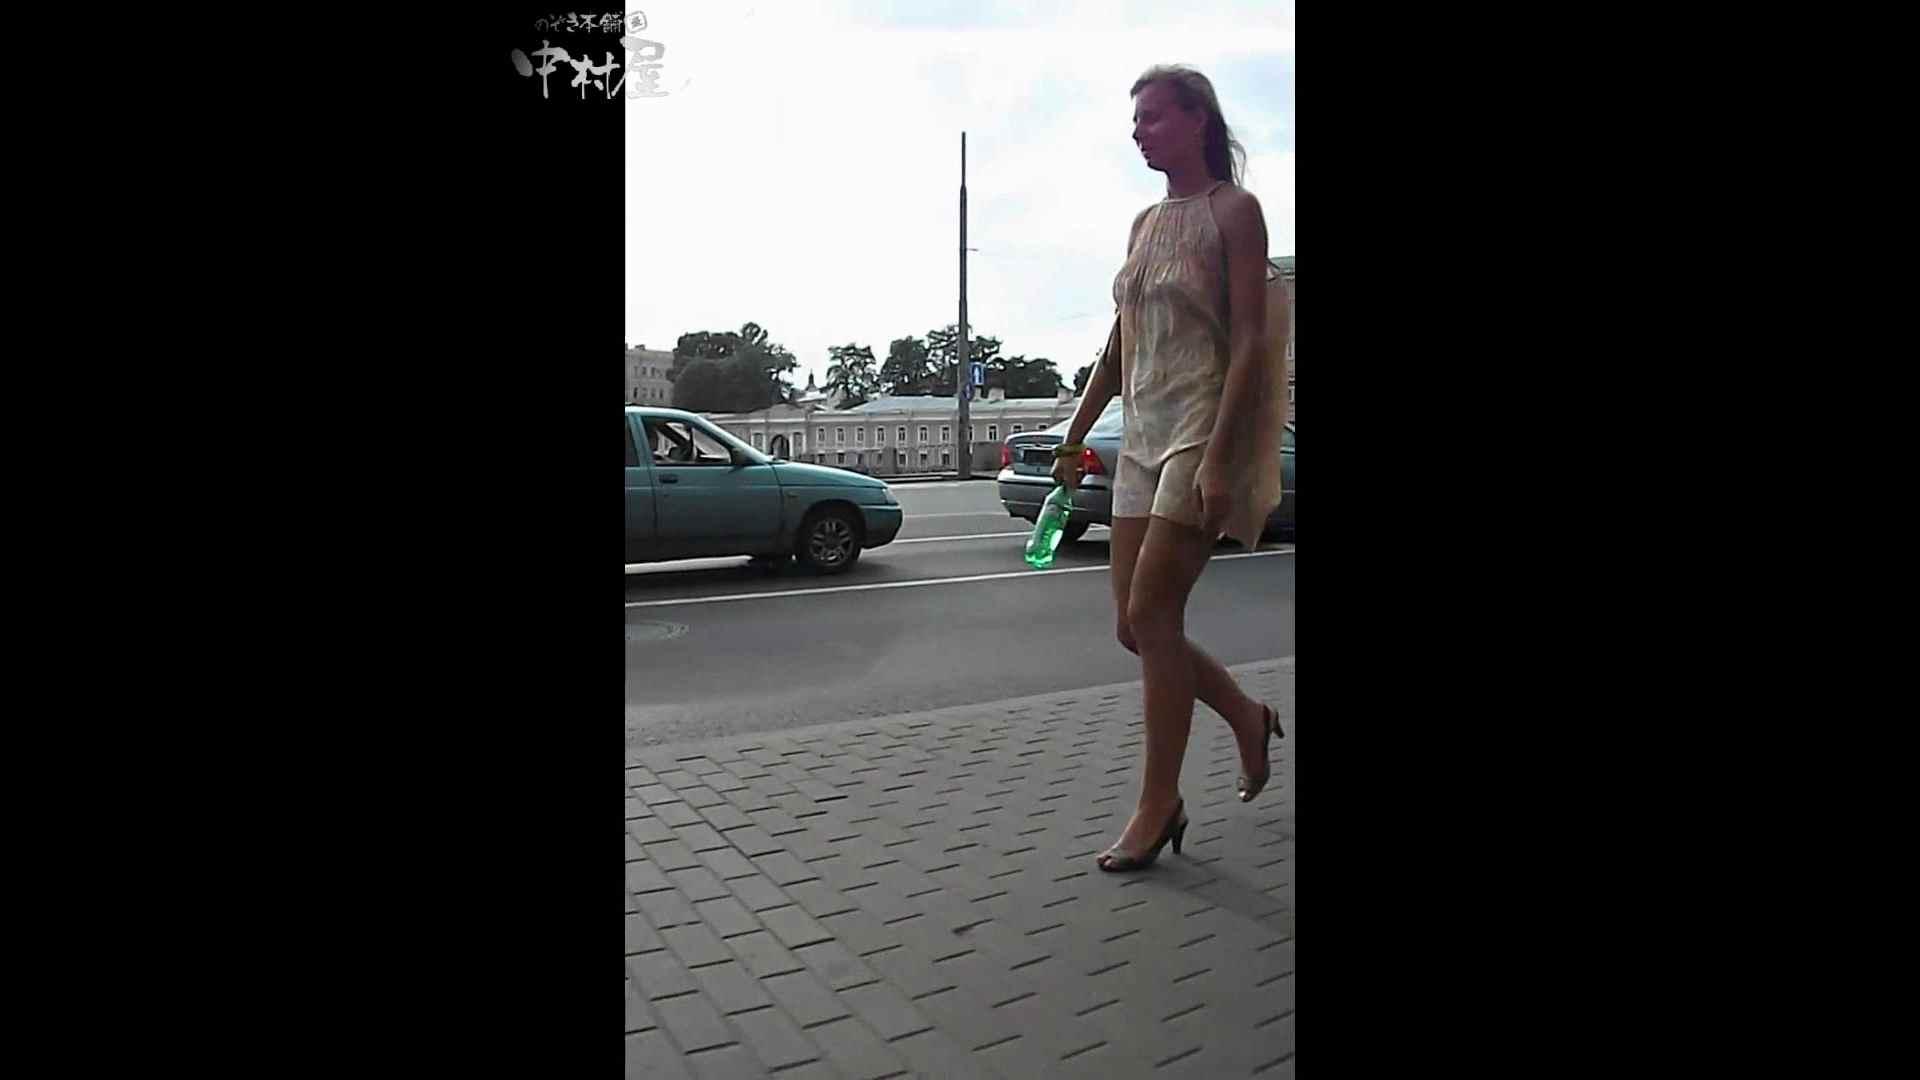 綺麗なモデルさんのスカート捲っちゃおう‼ vol11 お姉さんヌード | OLセックス  94画像 15